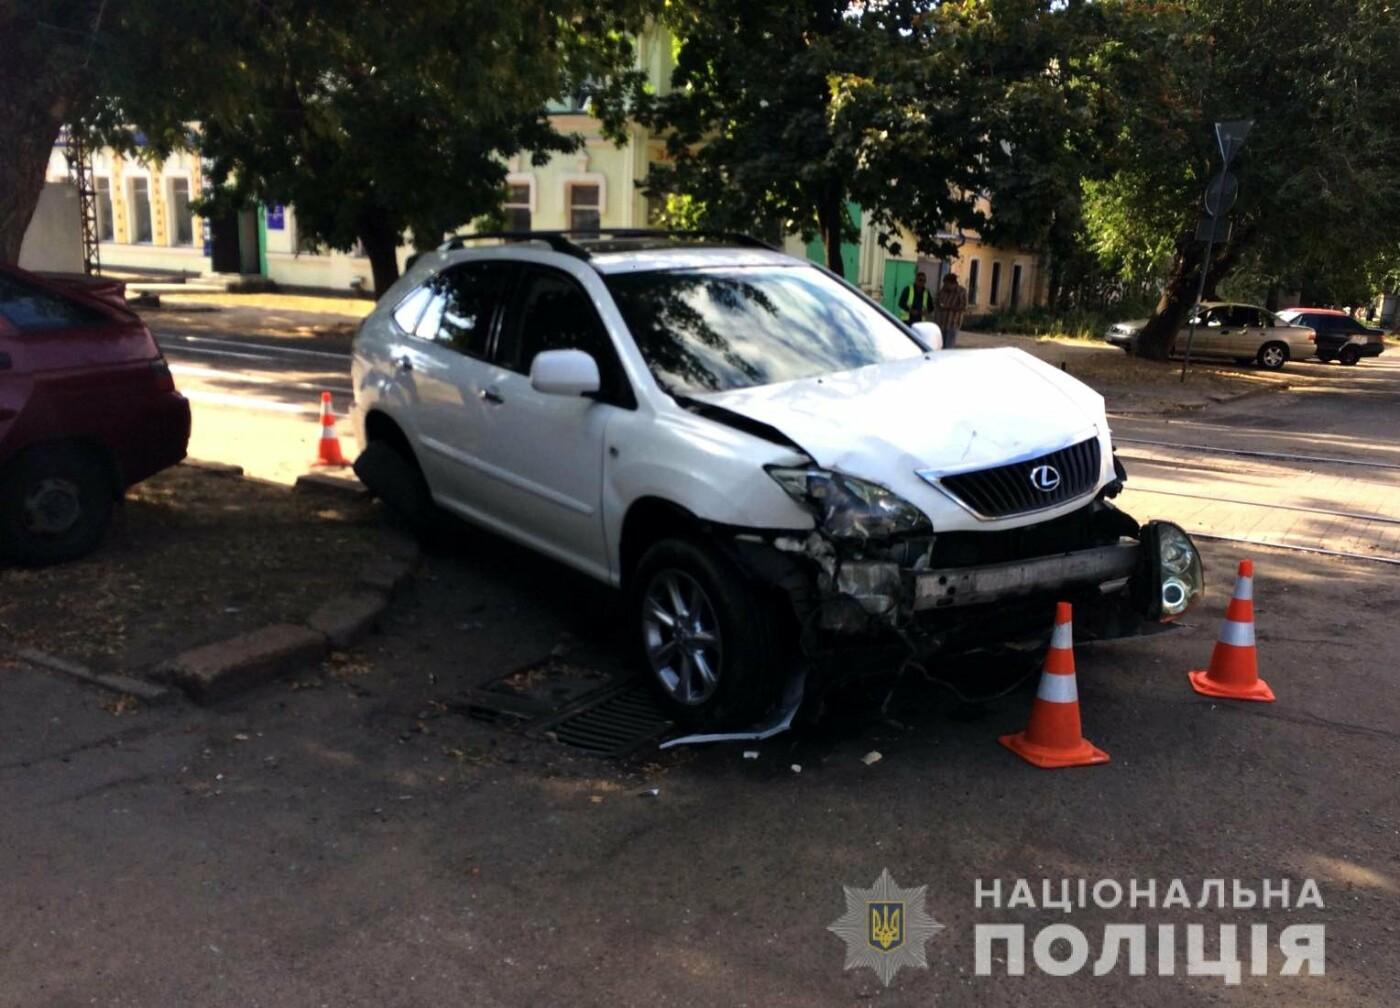 В центре Николаева столкнулись две легковушки: одного из водителей пришлось деблокировать, - ФОТО, фото-5